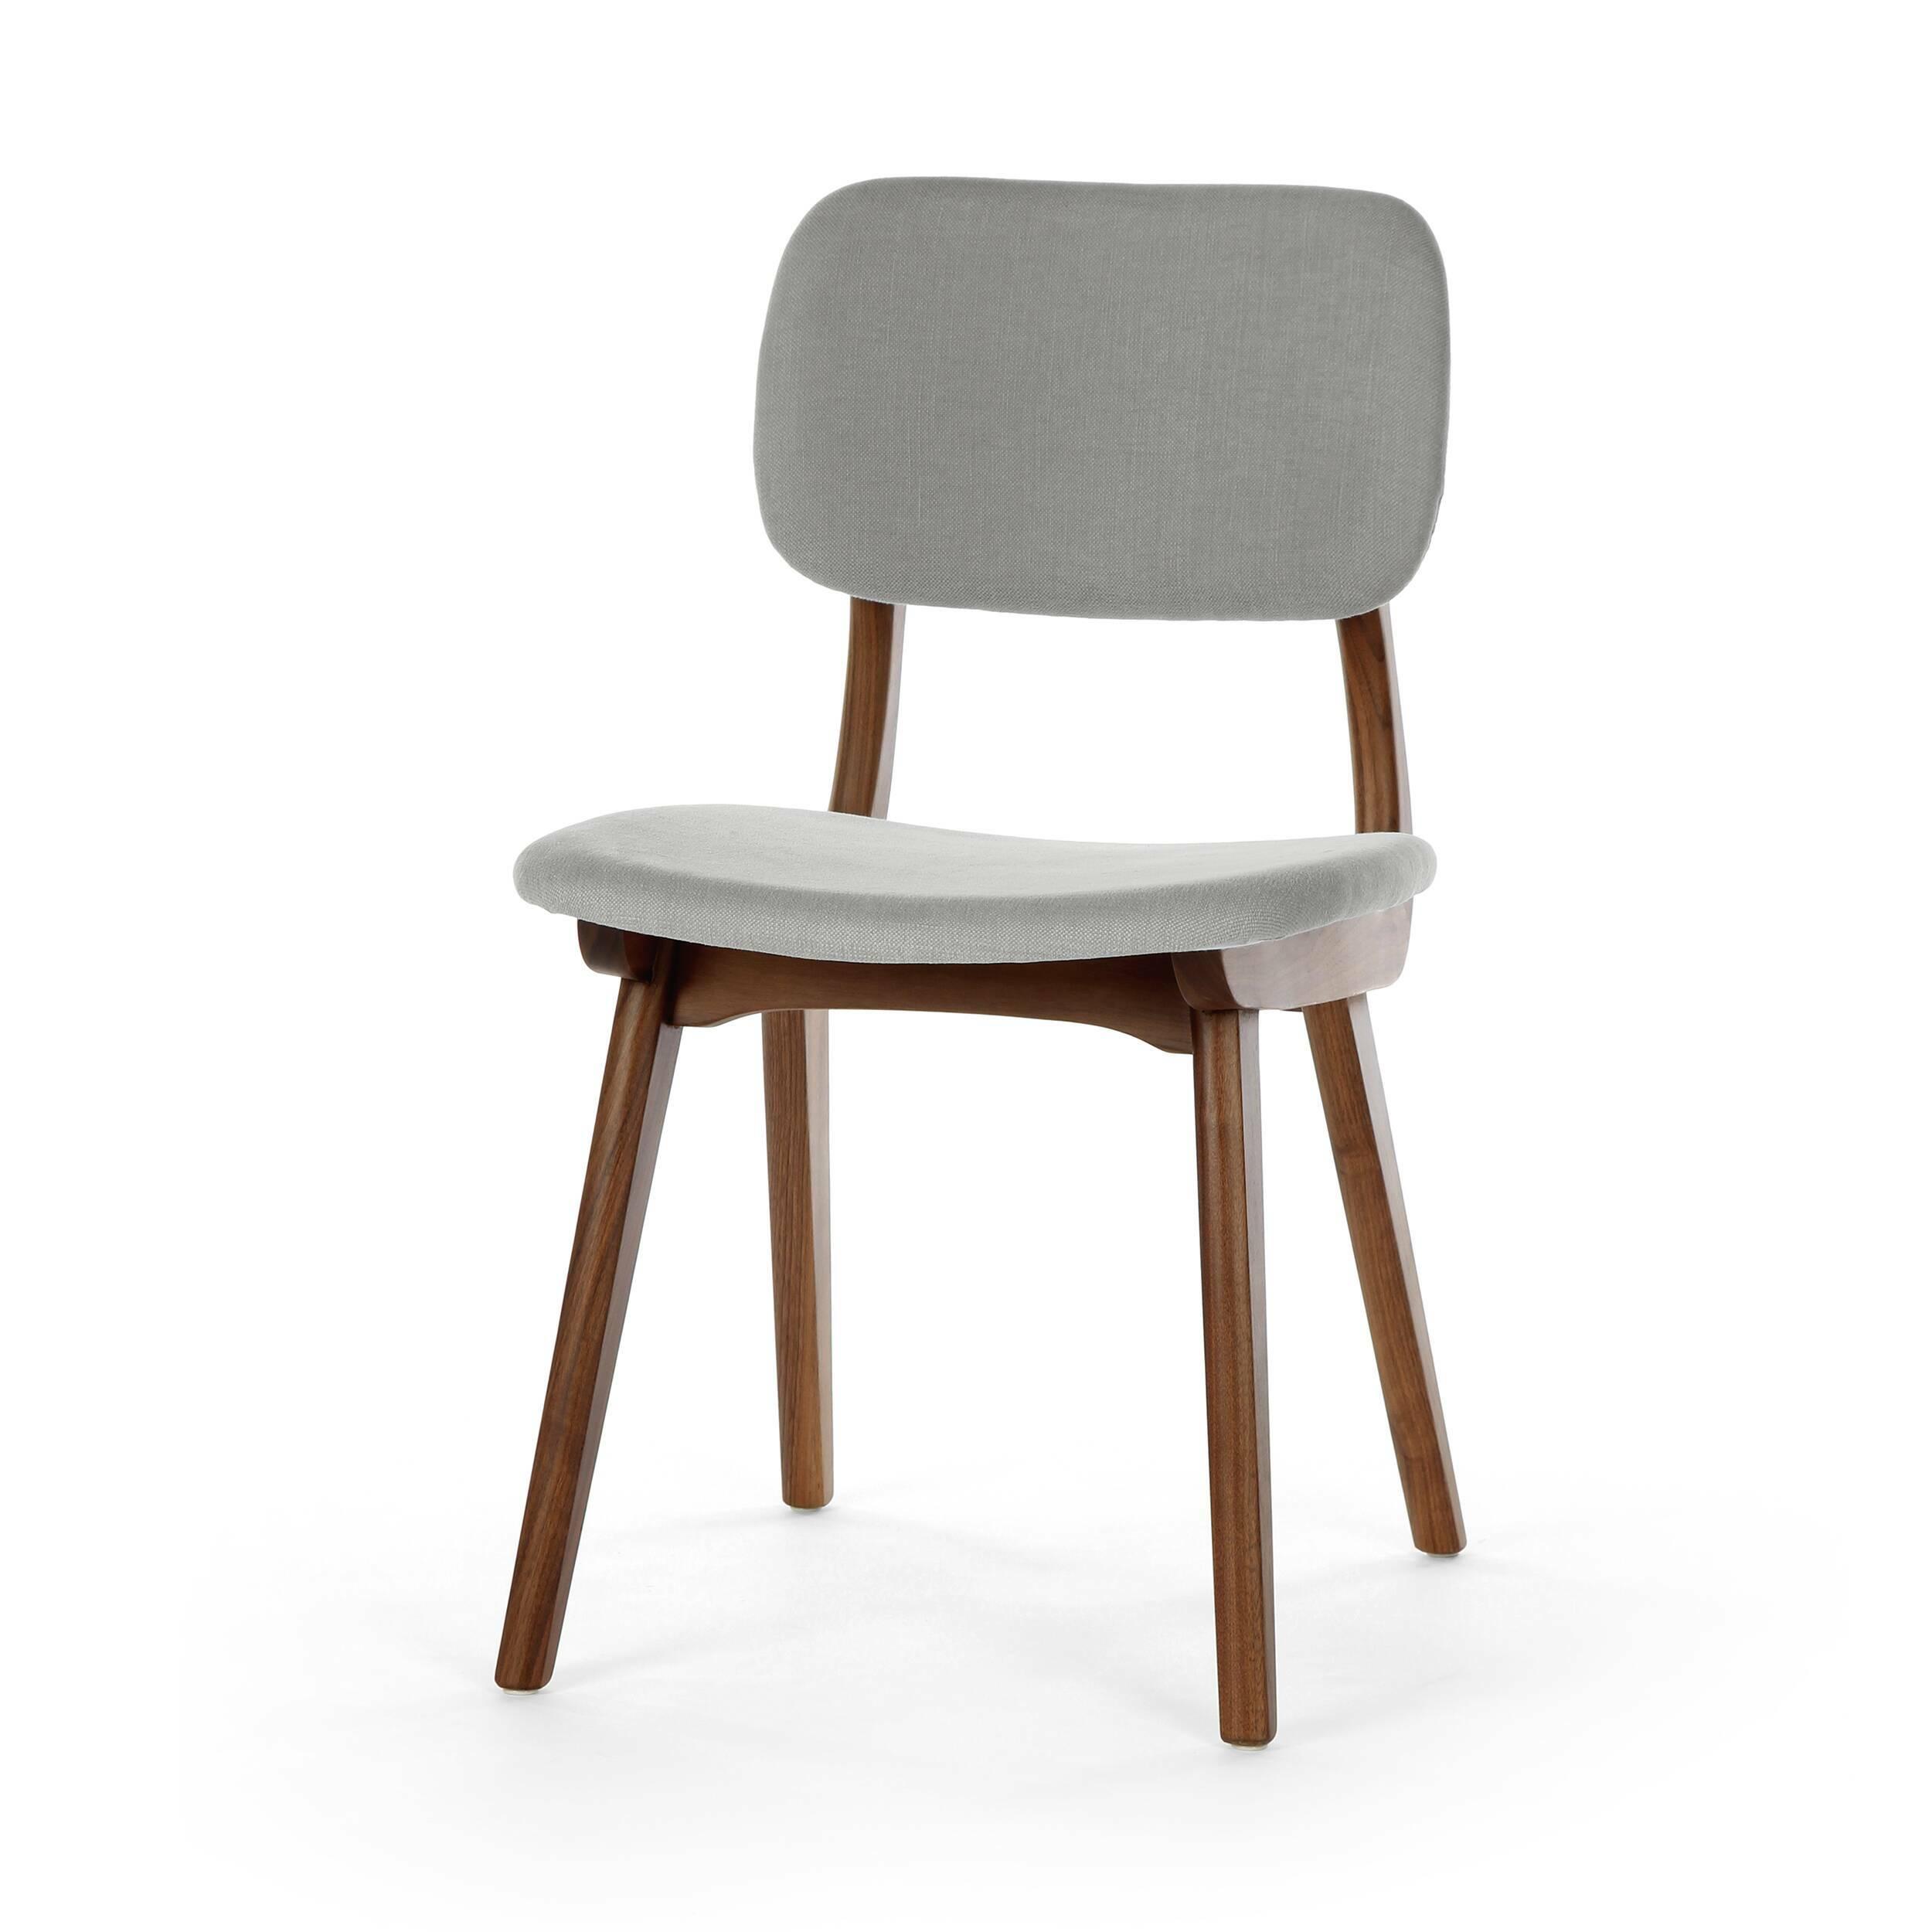 Стул Civil 1Интерьерные<br>Стул Civil 1 — это простой дизайн и комфорт, стиль и изящество элитного дерева. Этот стул будет прекрасно смотреться не только в офисе или кабинете, но и отлично впишется в интерьер вашей квартиры. Благодаря различным расцветкам, имеющимся в наличии, вы сможете подобрать стул, который подойдет именно вам.<br><br><br> В качестве основного материала для изготовления этих стульев используется высококачественная, невероятно прочная древесина американского ореха и белого дуба. Сиденье и спинка стуль...<br><br>stock: 0<br>Высота: 78<br>Высота сиденья: 44<br>Ширина: 45<br>Глубина: 52,5<br>Материал каркаса: Массив ореха<br>Тип материала каркаса: Дерево<br>Материал сидения: Хлопок, Лен<br>Цвет сидения: Светло-серый<br>Тип материала сидения: Ткань<br>Коллекция ткани: Ray Fabric<br>Цвет каркаса: Орех